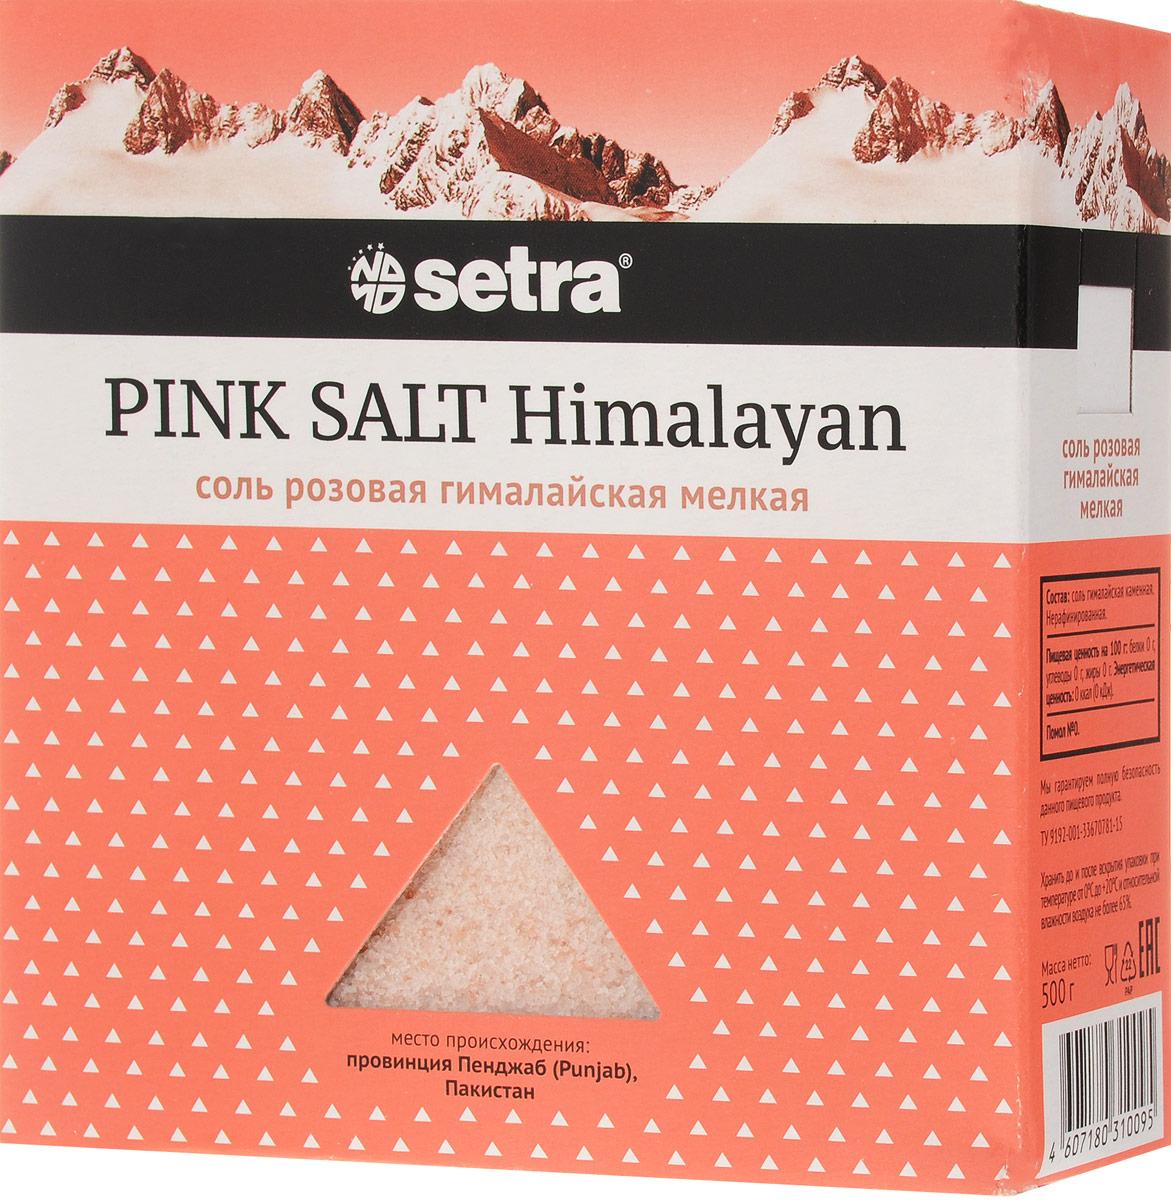 Setra соль розовая гималайская мелкая, 500 гбте007Ценность гималайской соли в содержании большого количества элементов и минералов, главные из которых - железо и медь, придают соли насыщенный розовый цвет. Добывается ручным способом в шахтах в предгорье Гималаев (провинция Пенджаб). Уважаемые клиенты! Обращаем ваше внимание на то, что упаковка может иметь несколько видов дизайна. Поставка осуществляется в зависимости от наличия на складе.